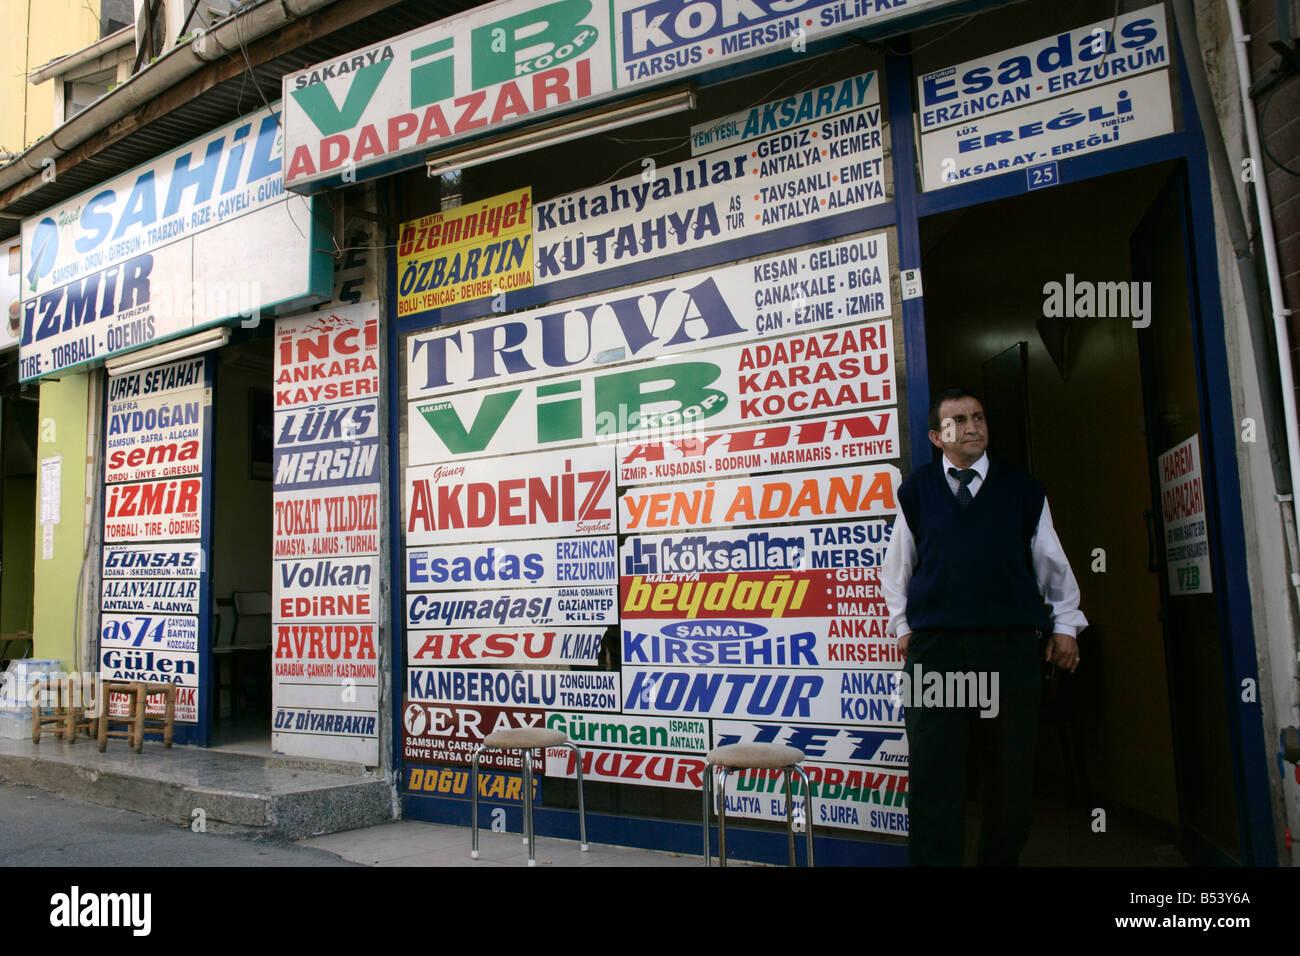 Gli agenti di viaggio che vendono biglietti pullman in Uskudar, Istanbul, Turchia Immagini Stock